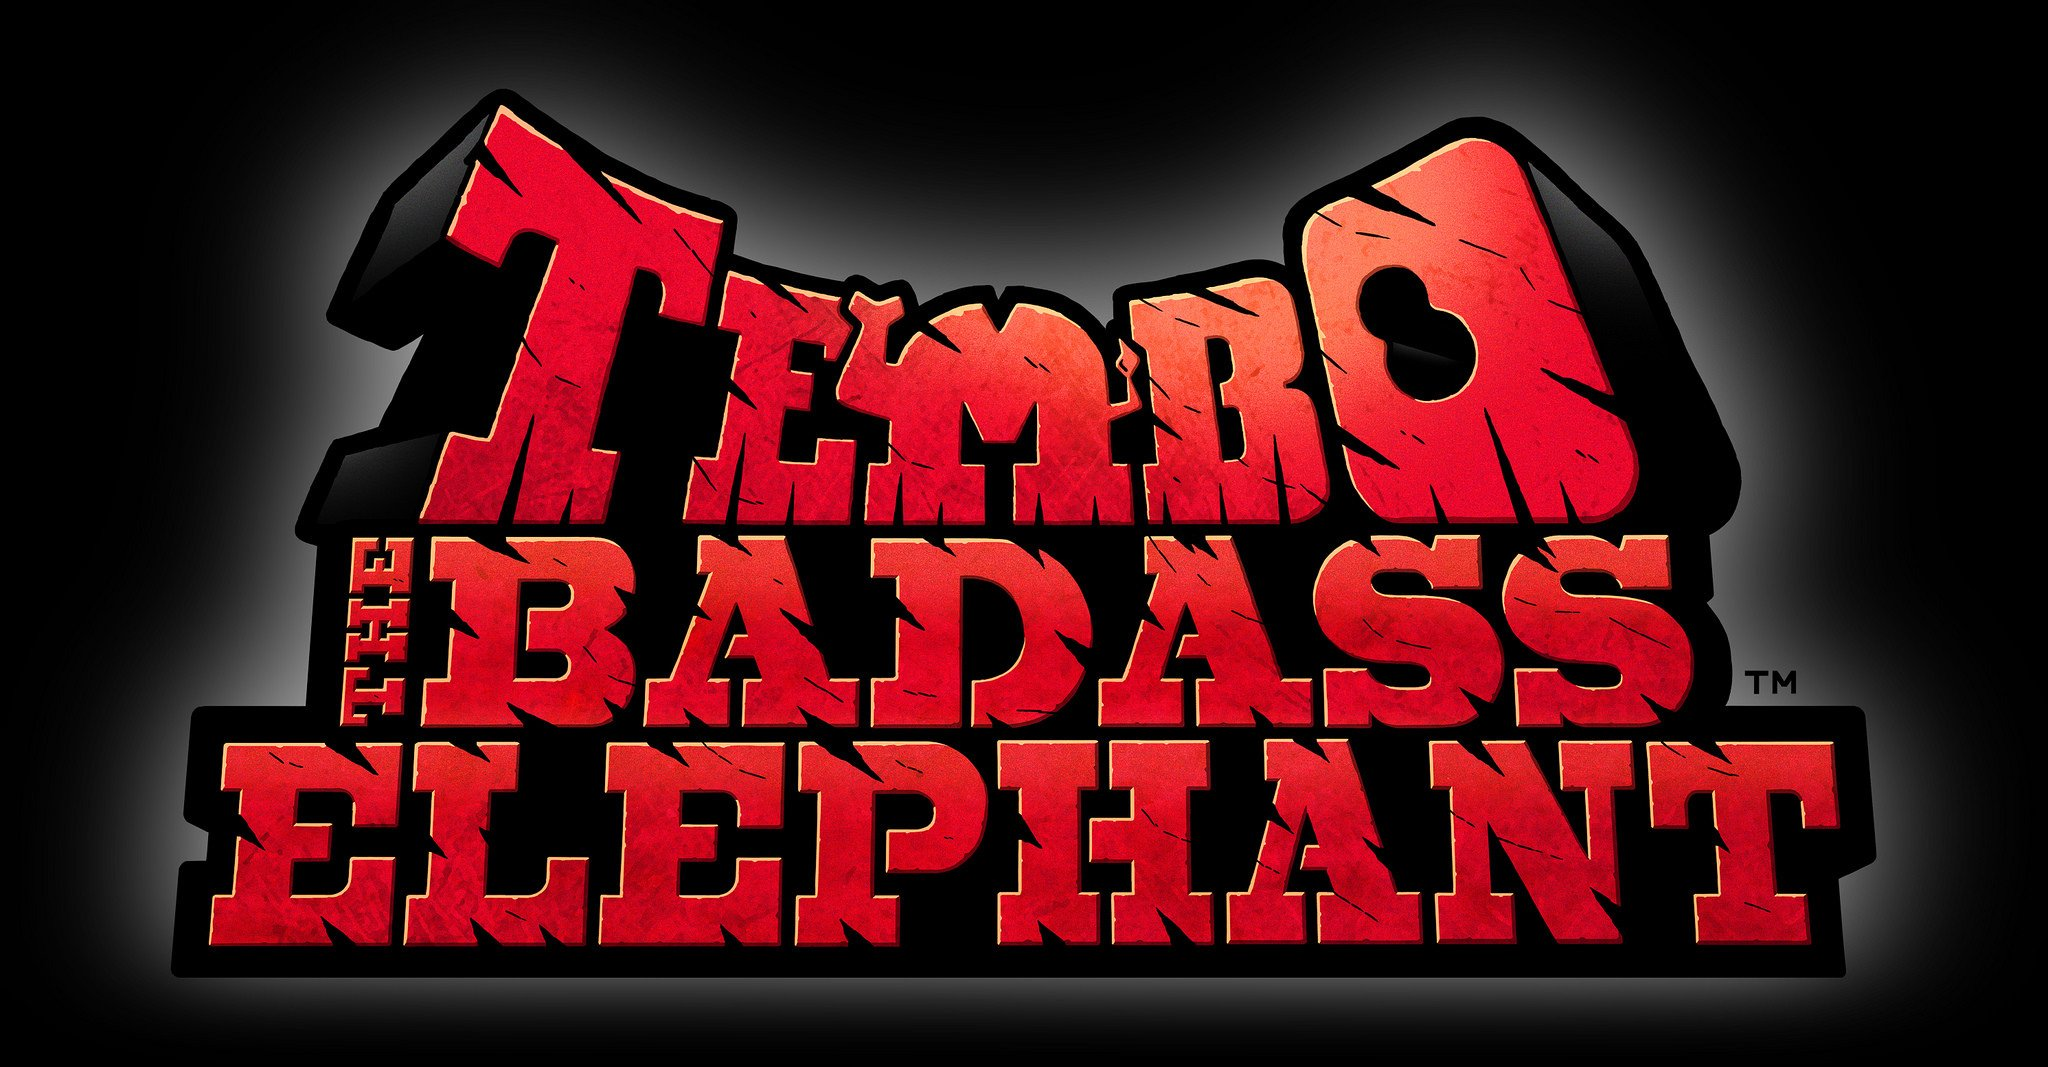 Видеообзор Tembo The Badass Elephant. - Изображение 1